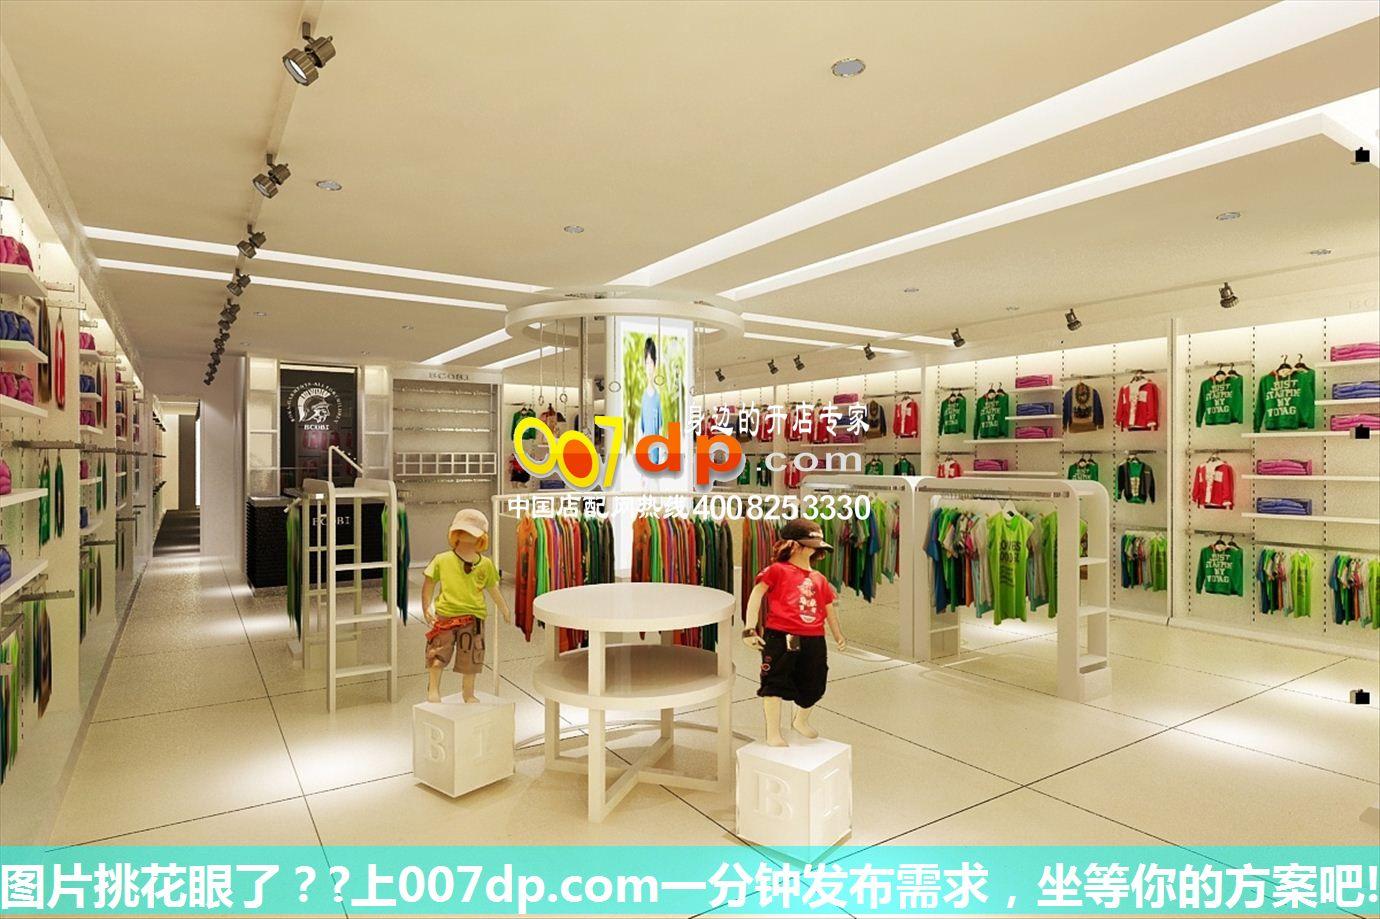 中国店配网第十七期童装店装修效果图及韩国童鞋店装修设计